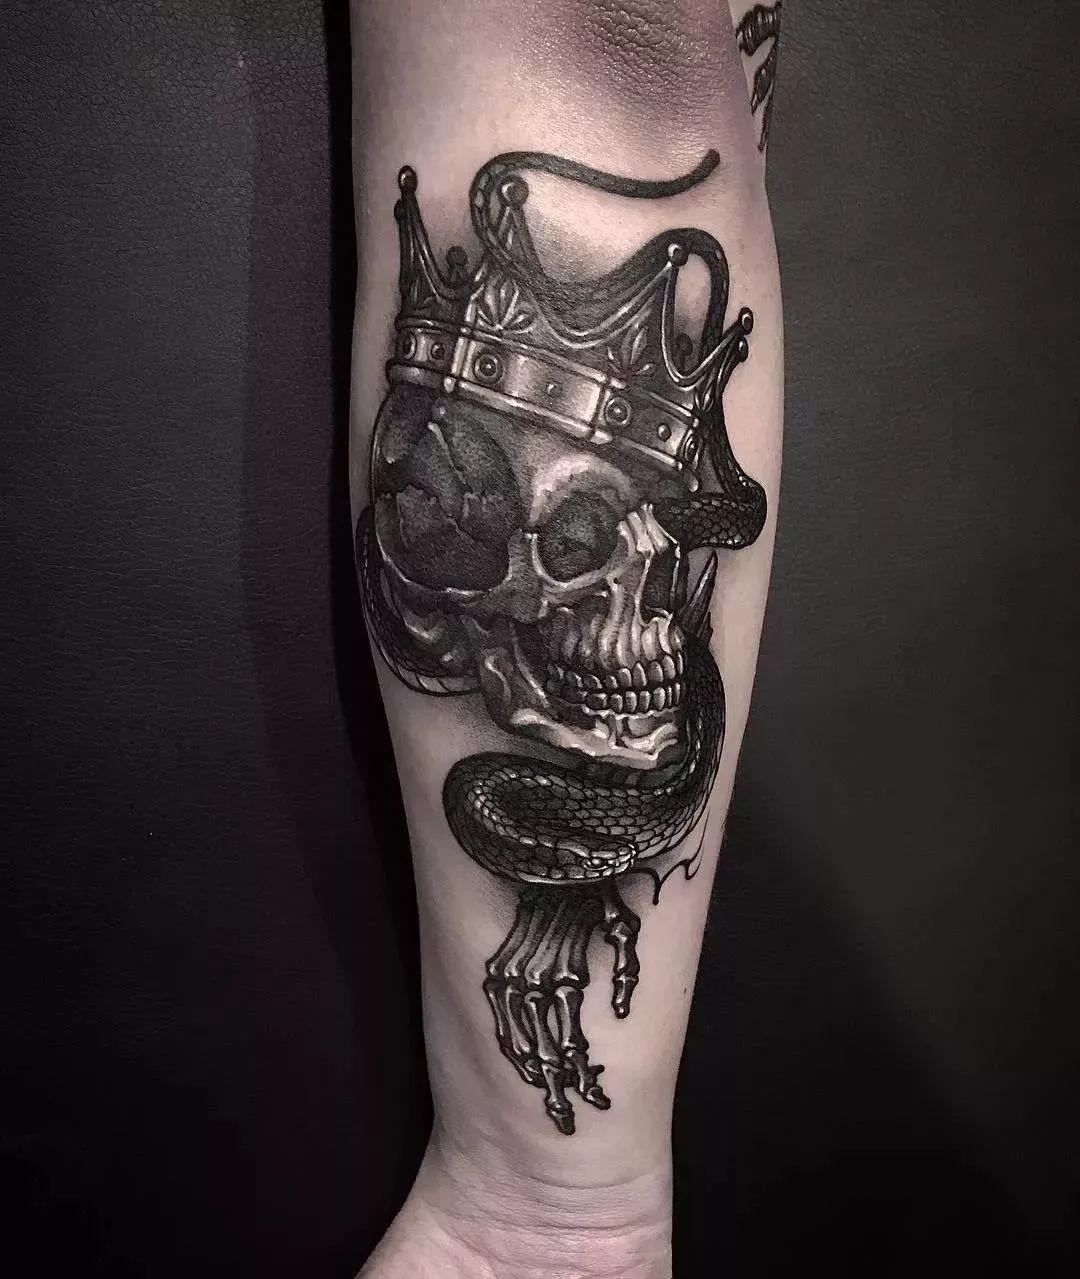 暗黑骷髅纹身图案 是你热衷于的纹身风格吗?图片